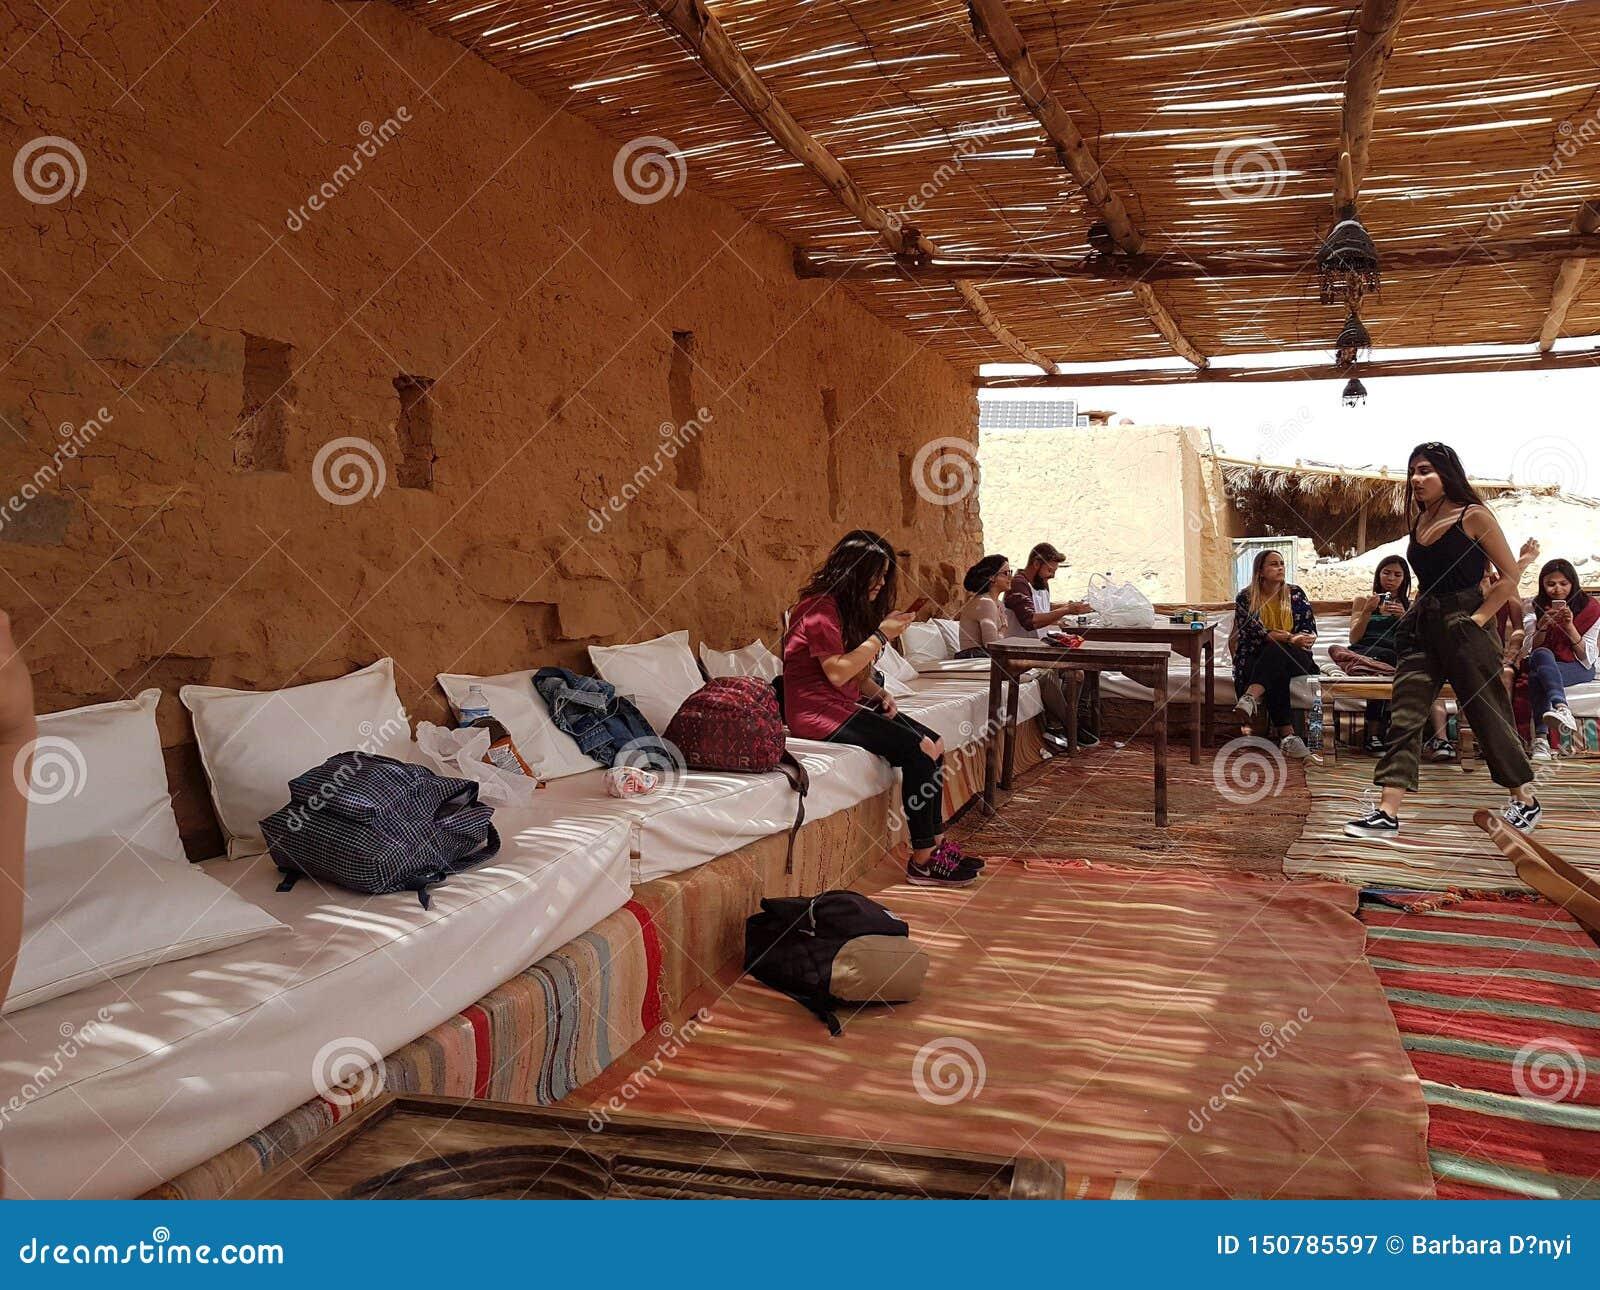 Nuances du Maroc